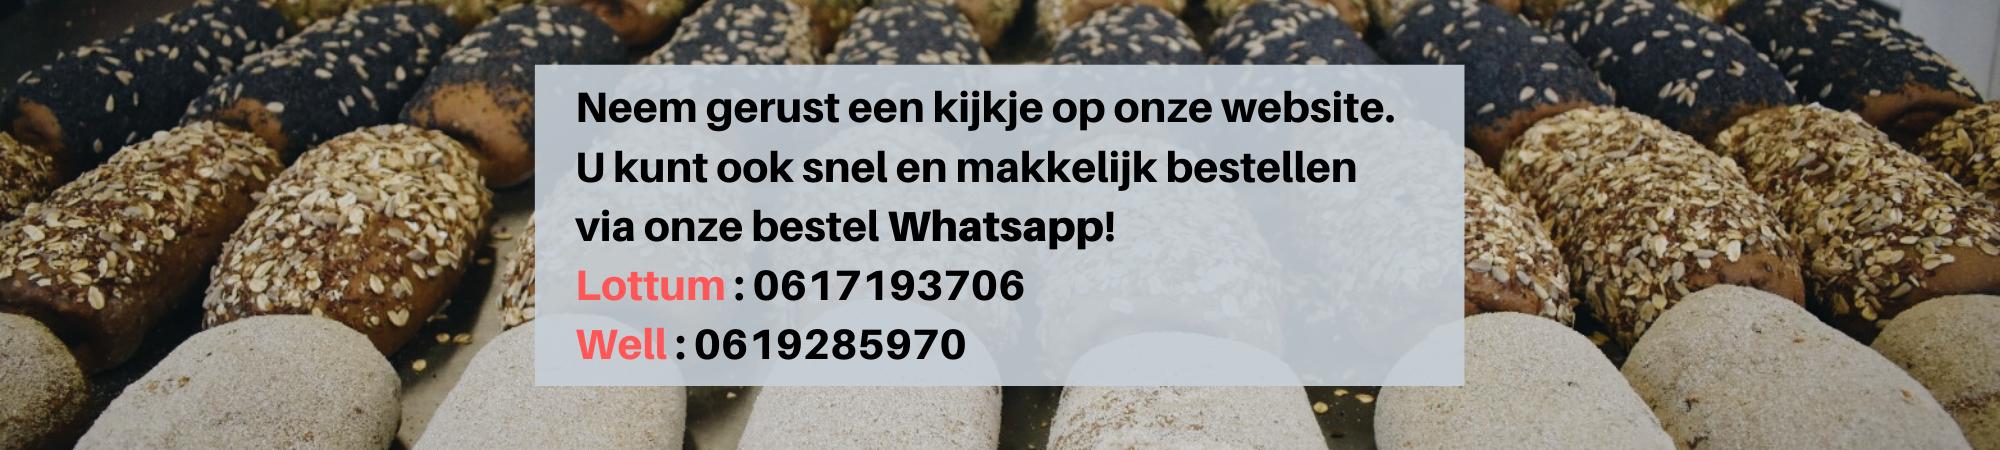 U-kunt-ook-snel-en-makkelijk-bestellen-via-onze-bestel-WhatsappLottum-_-0617193706Well-_-0619285970